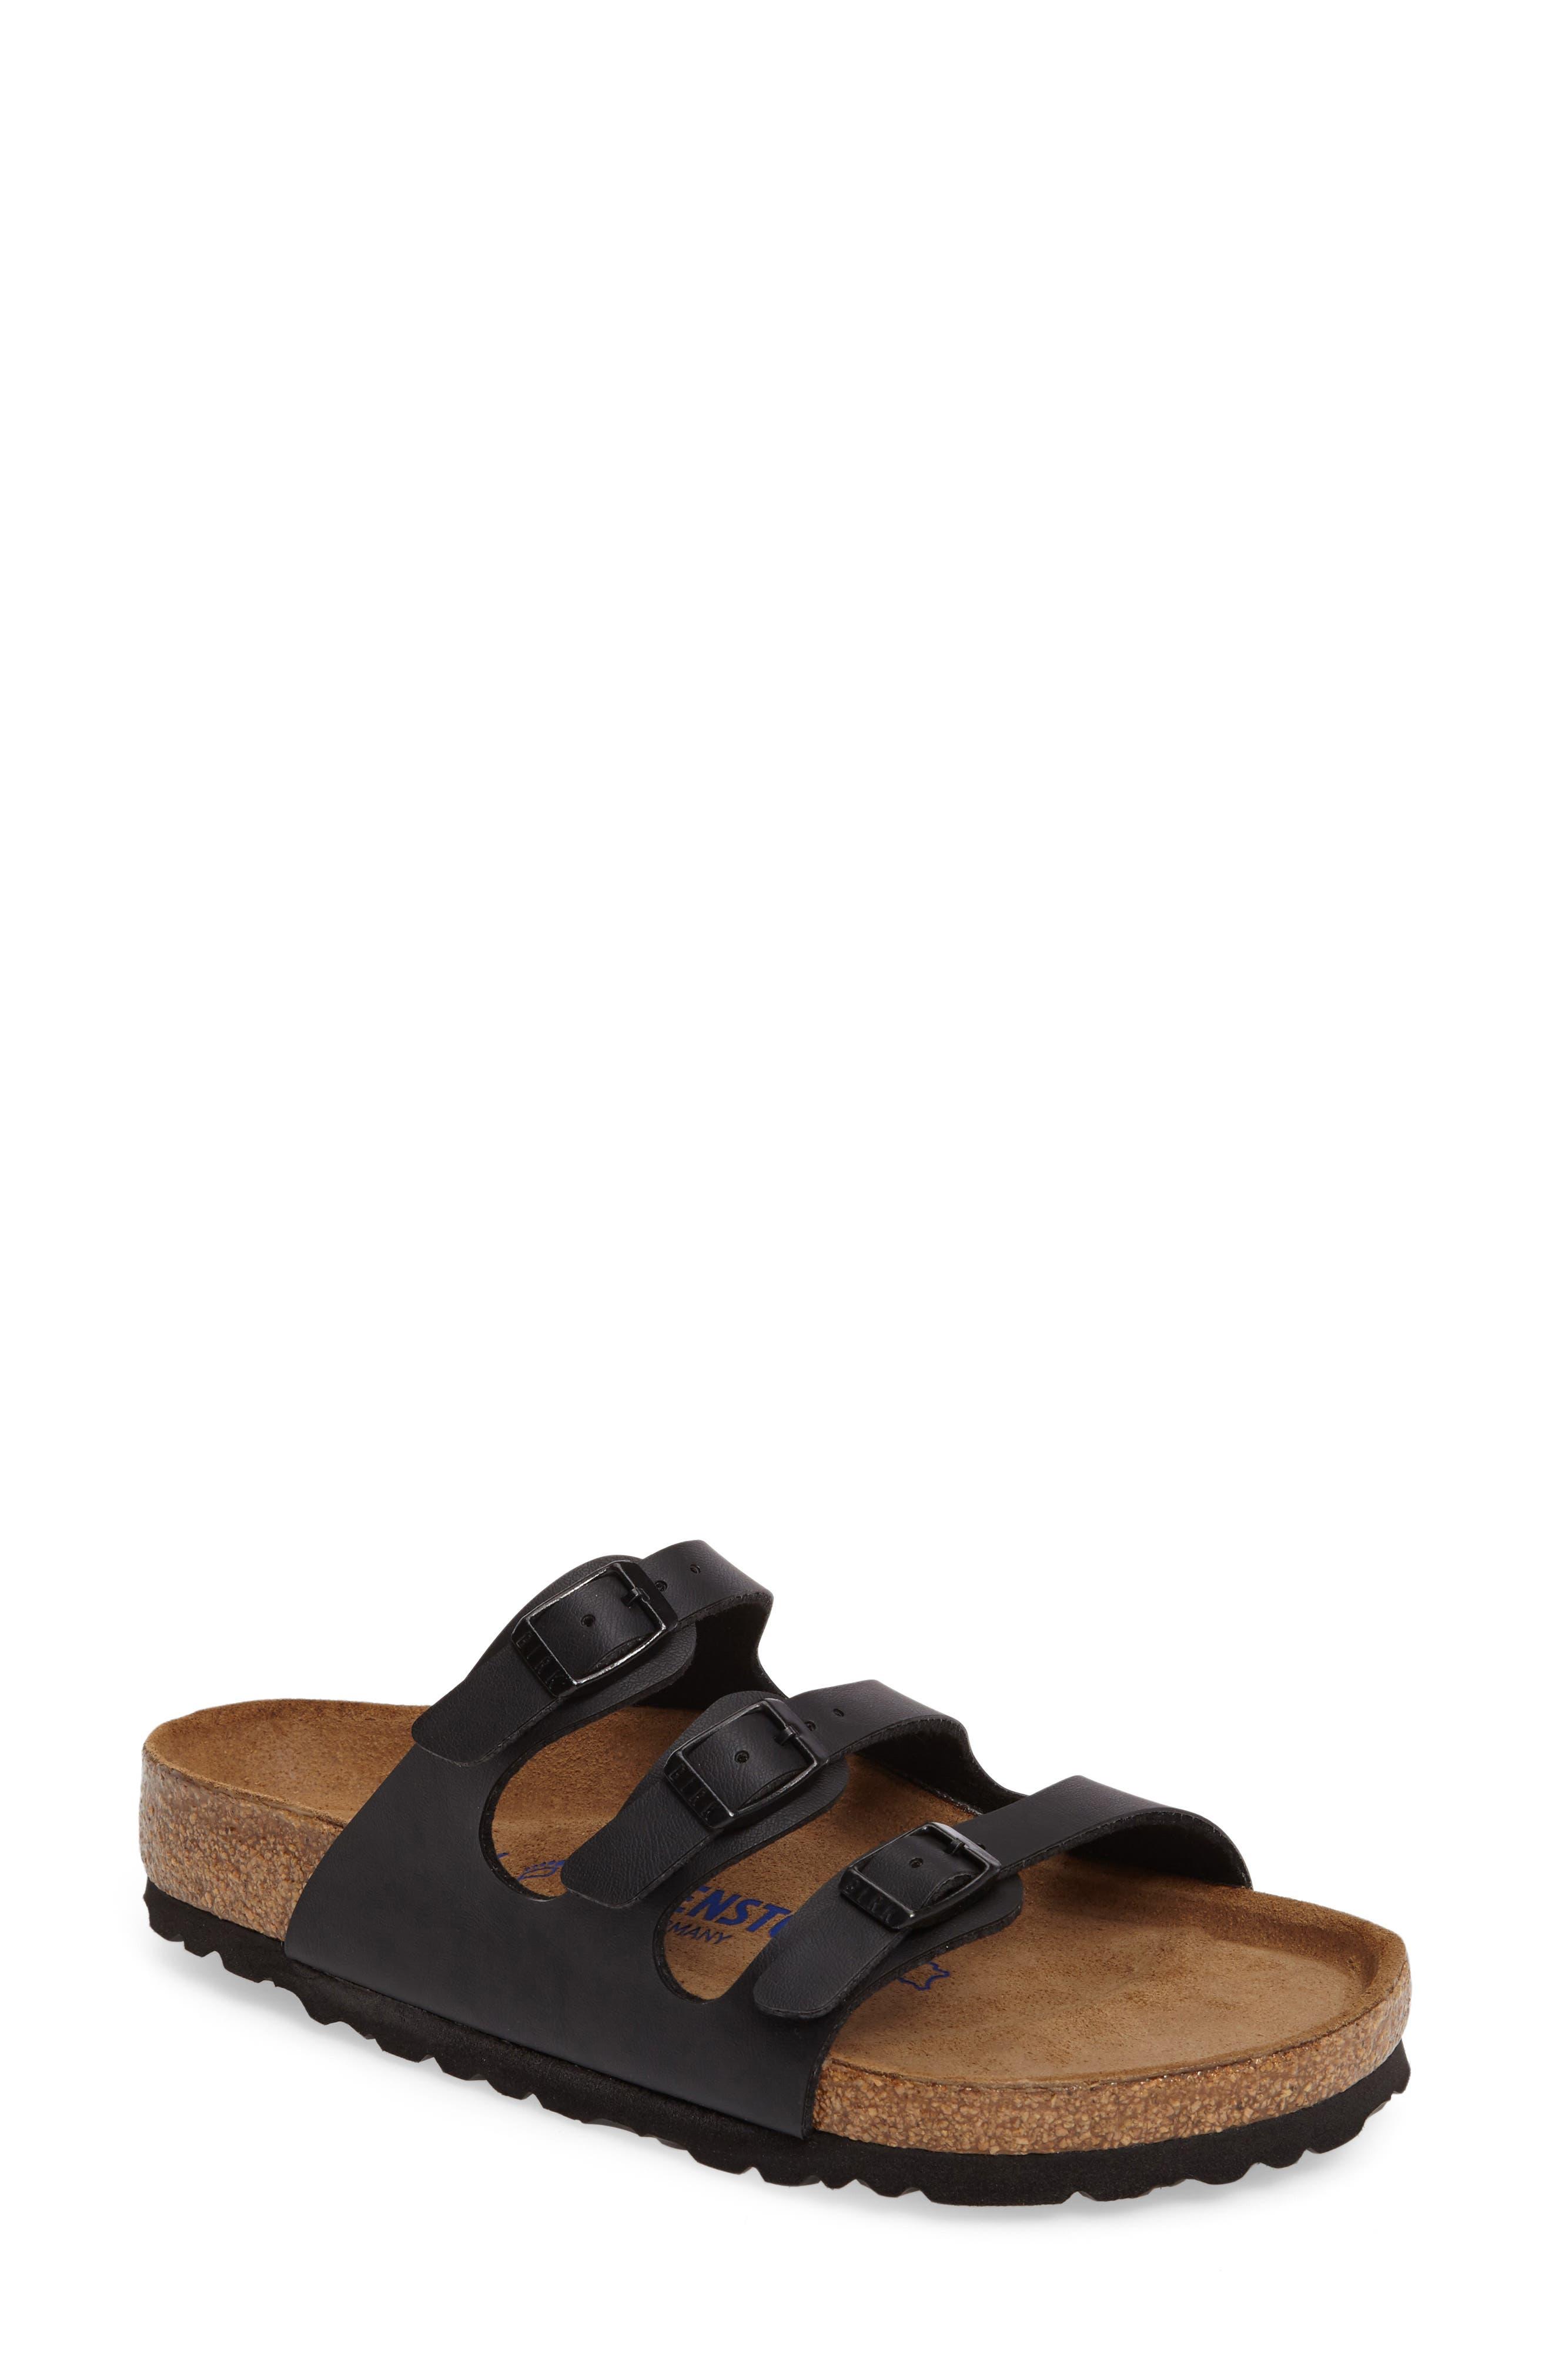 Florida Soft Footbed Slide Sandal,                         Main,                         color, BLACK